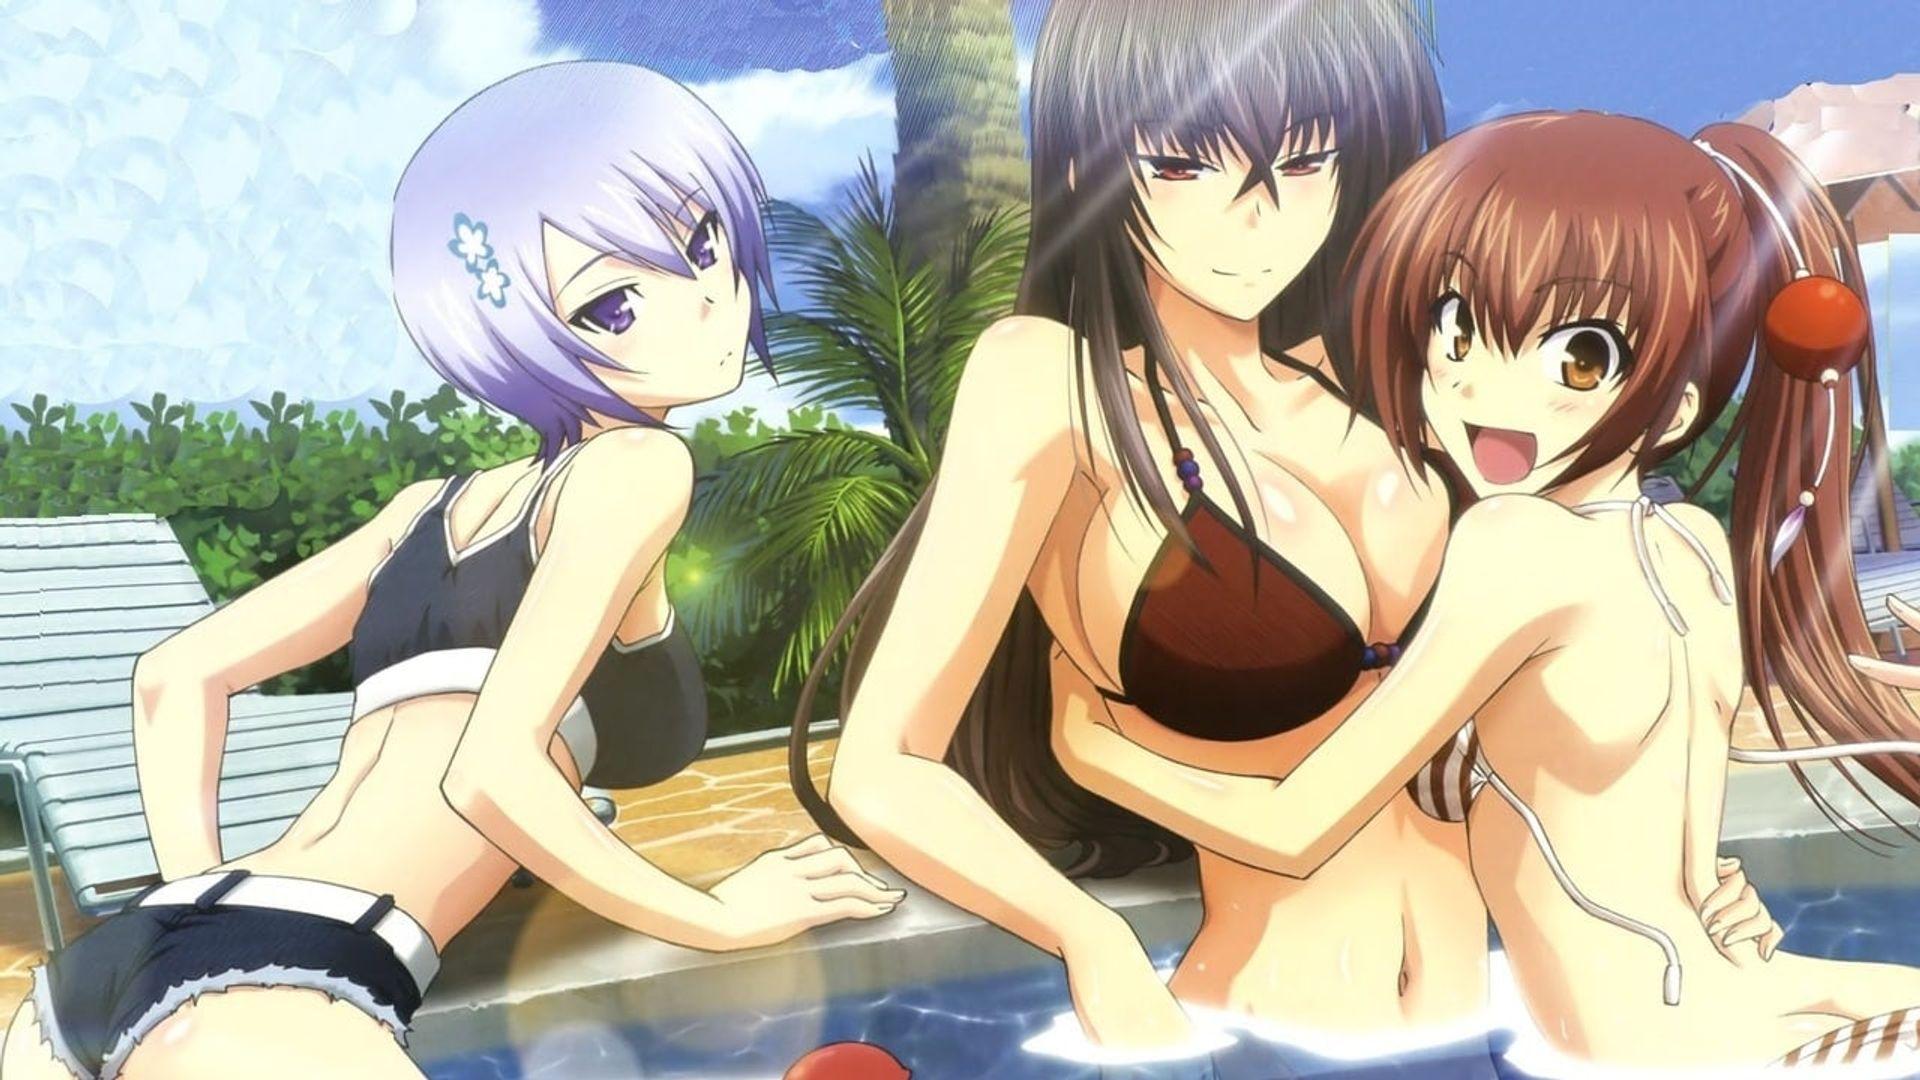 Majikoi Oh Samurai Girls Watch Episodes On Hulu Or Streaming